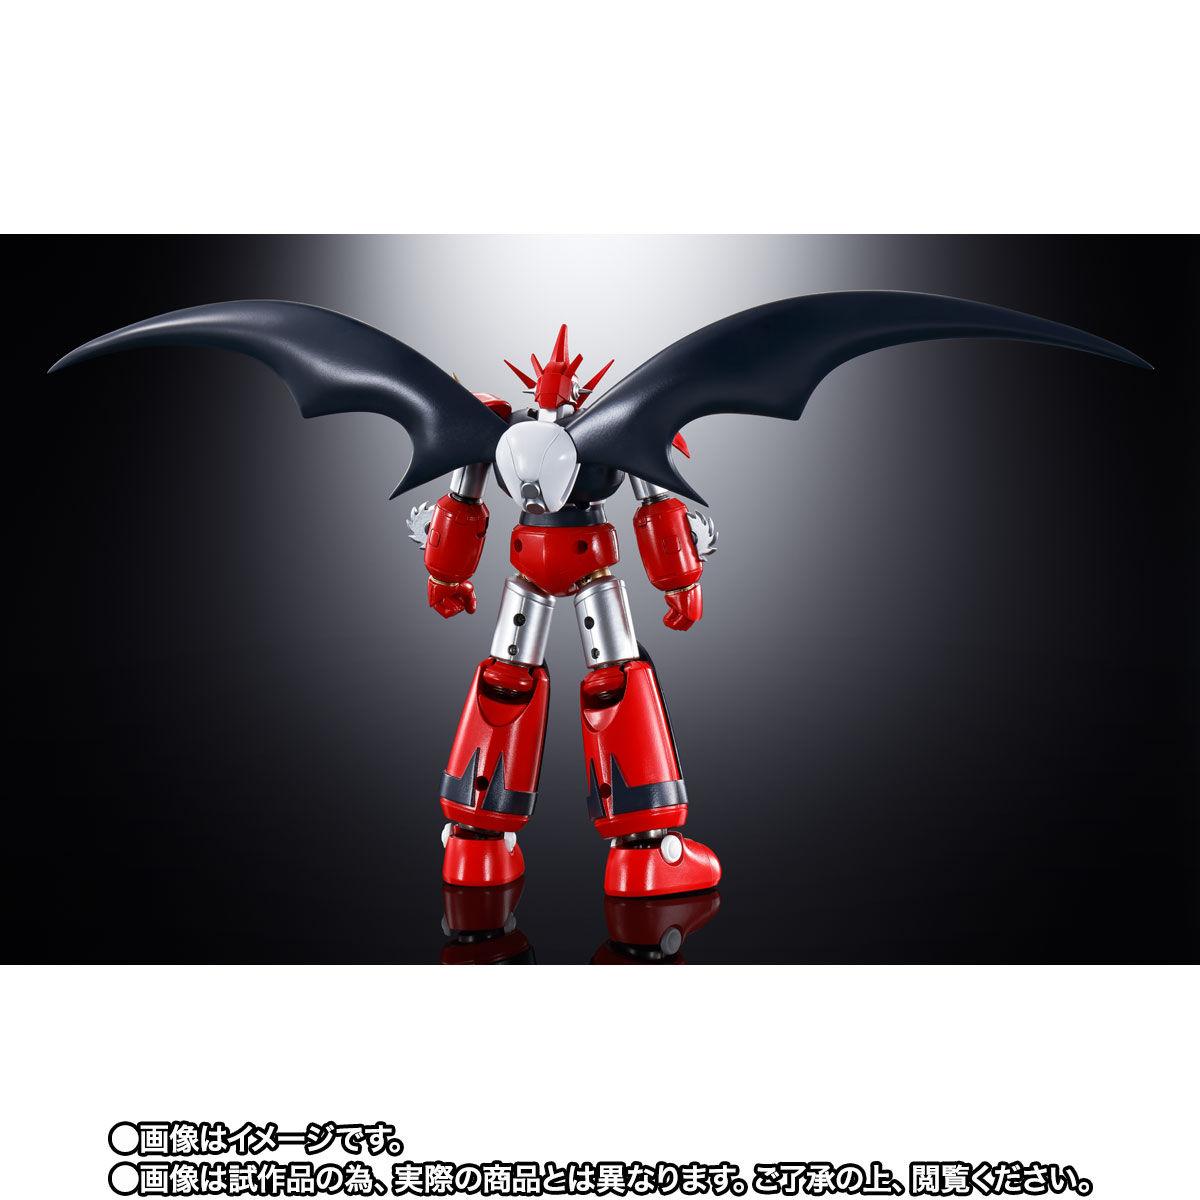 【限定販売】超合金魂『GX-98 ゲッターD2』ゲッターロボ アーク 可動フィギュア-008